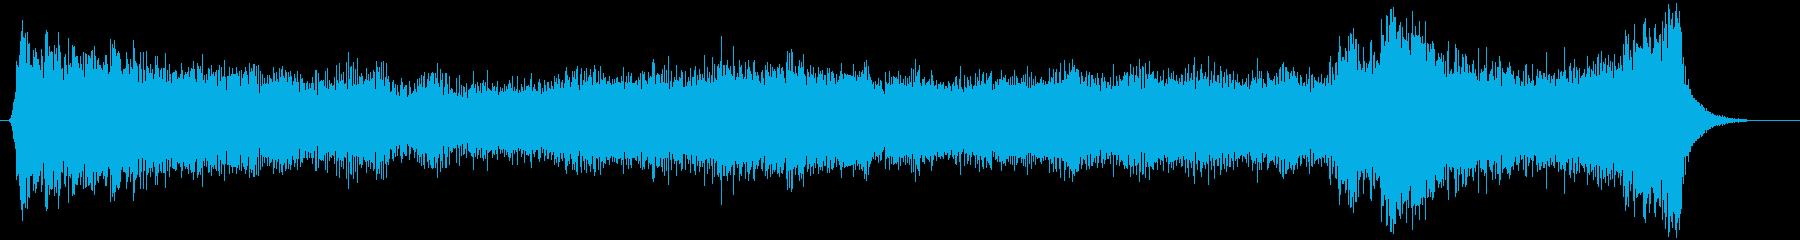 ハロウィン向け15秒ジングル オルガン1の再生済みの波形